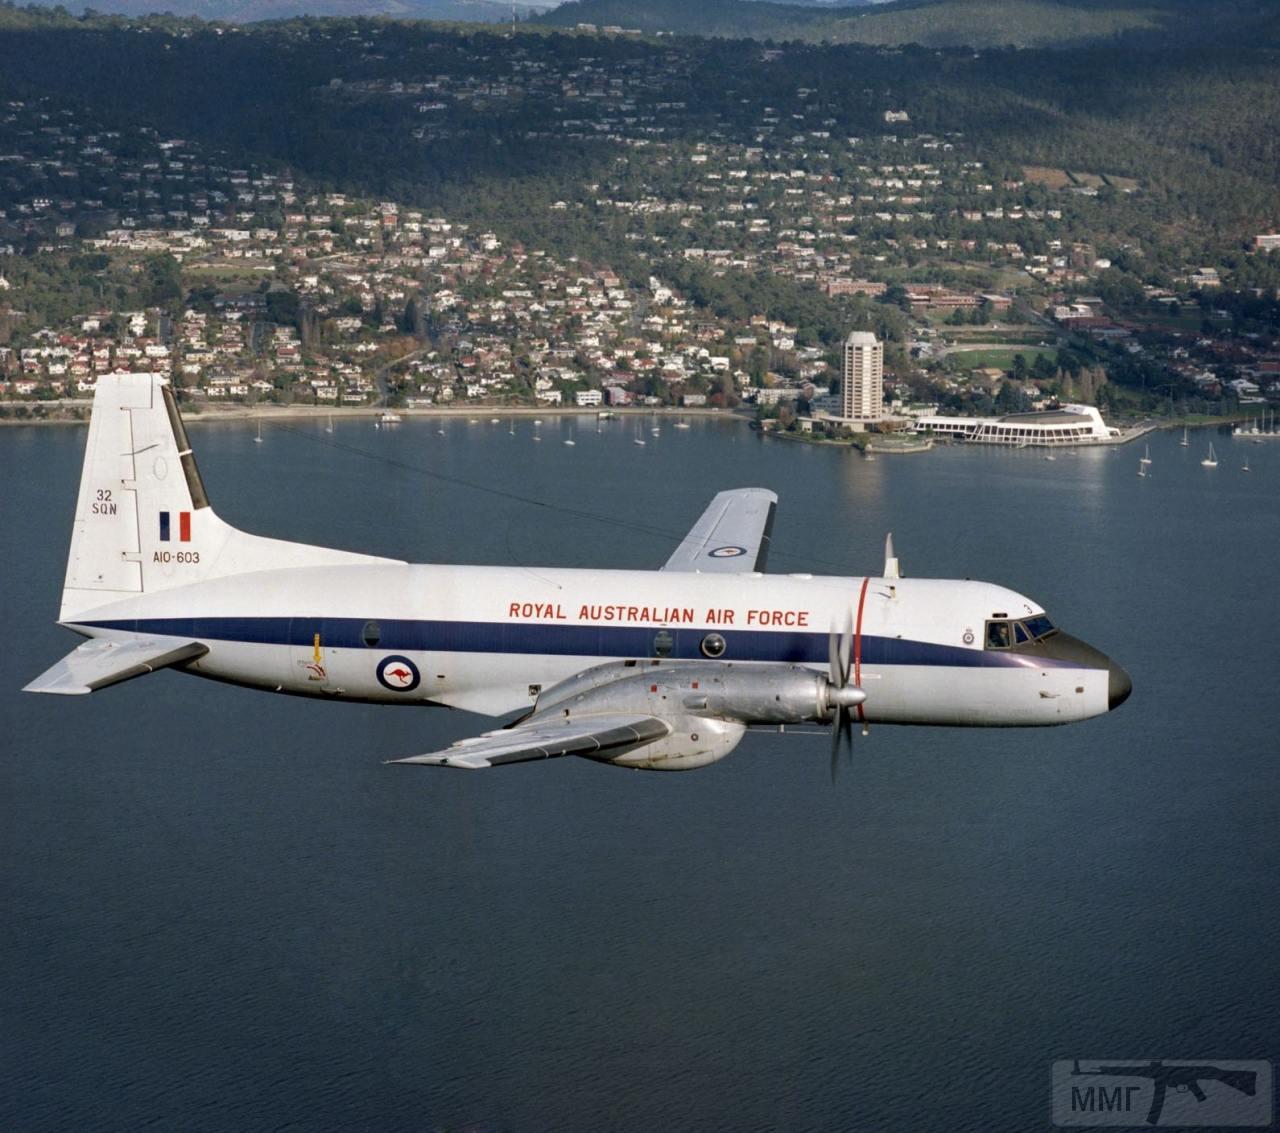 27172 - Красивые фото и видео боевых самолетов